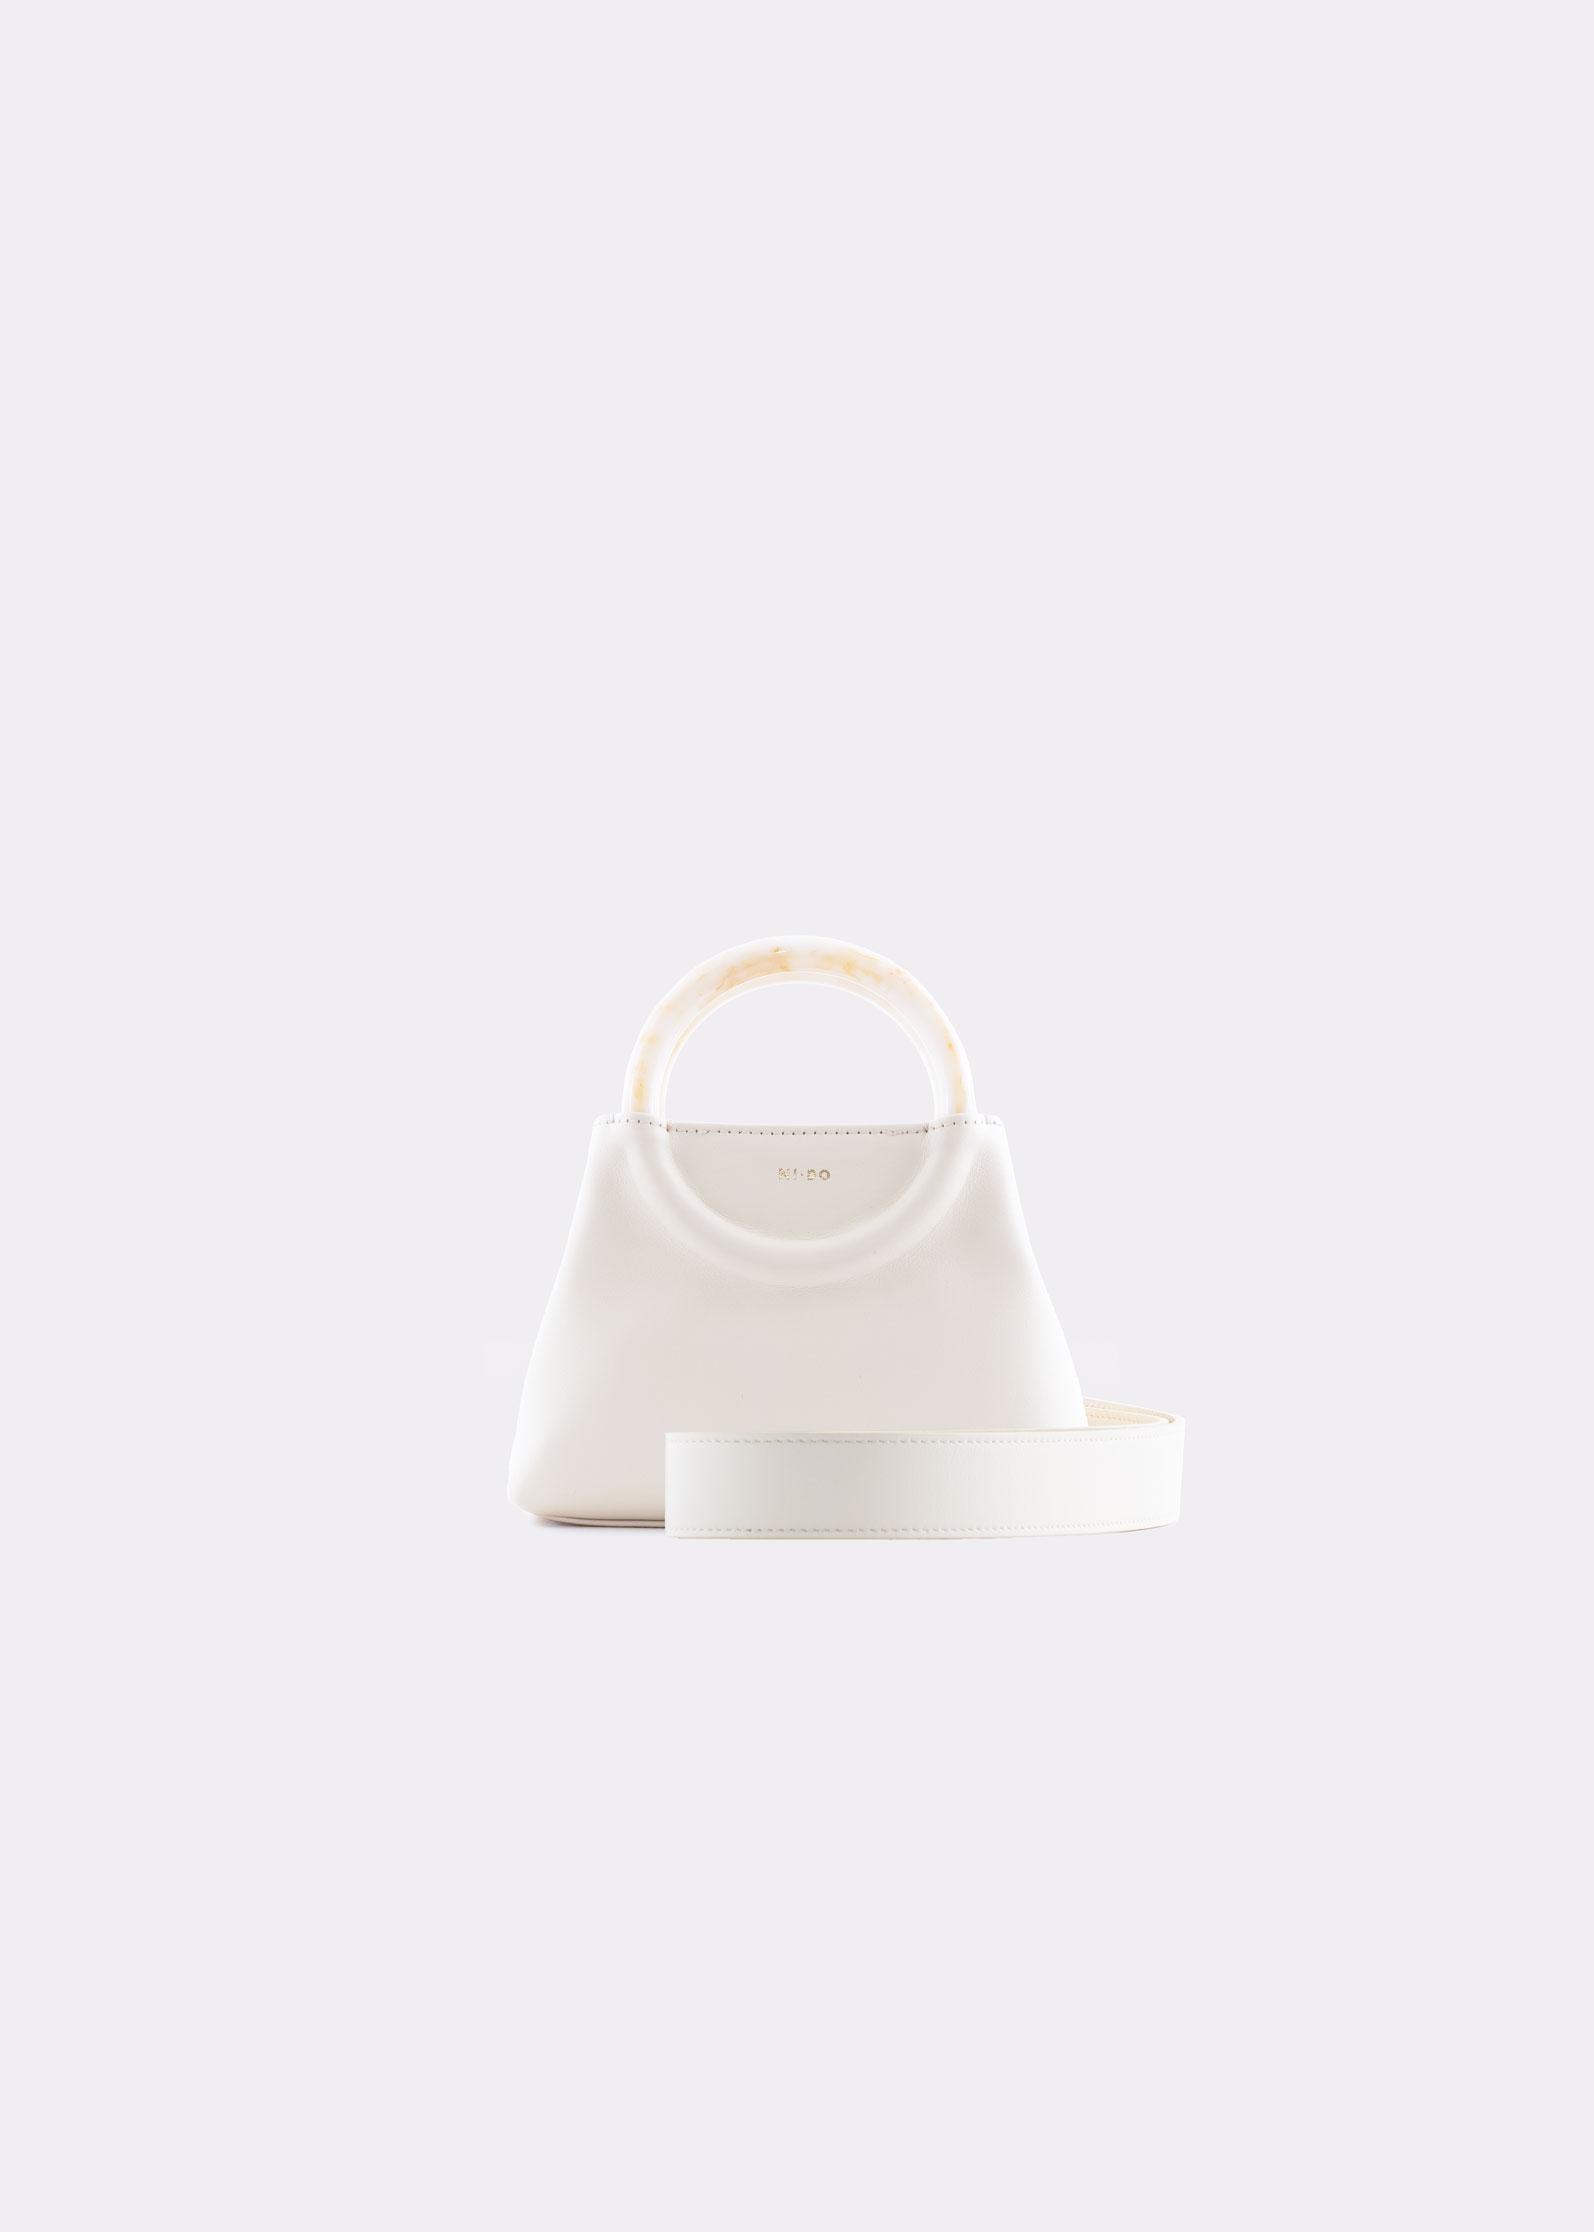 NIDO_Bolla-Micro_burro_shoulderstrap